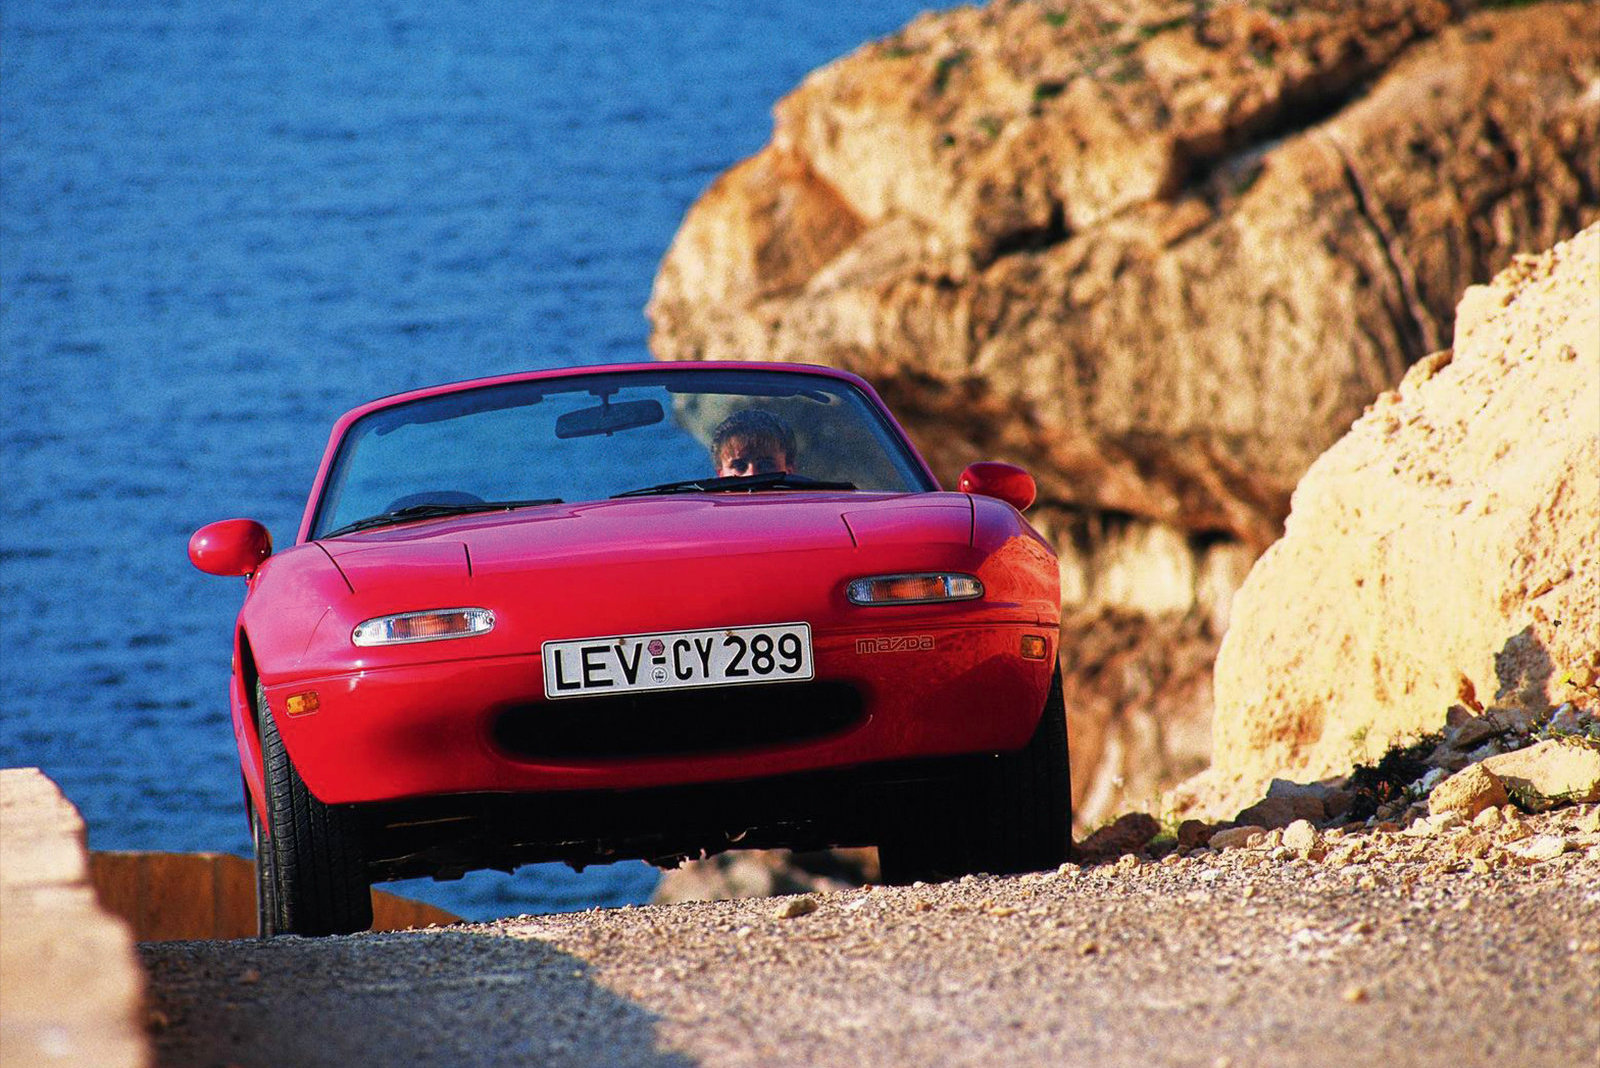 1990 Mazda MX-5 Miata red cliff